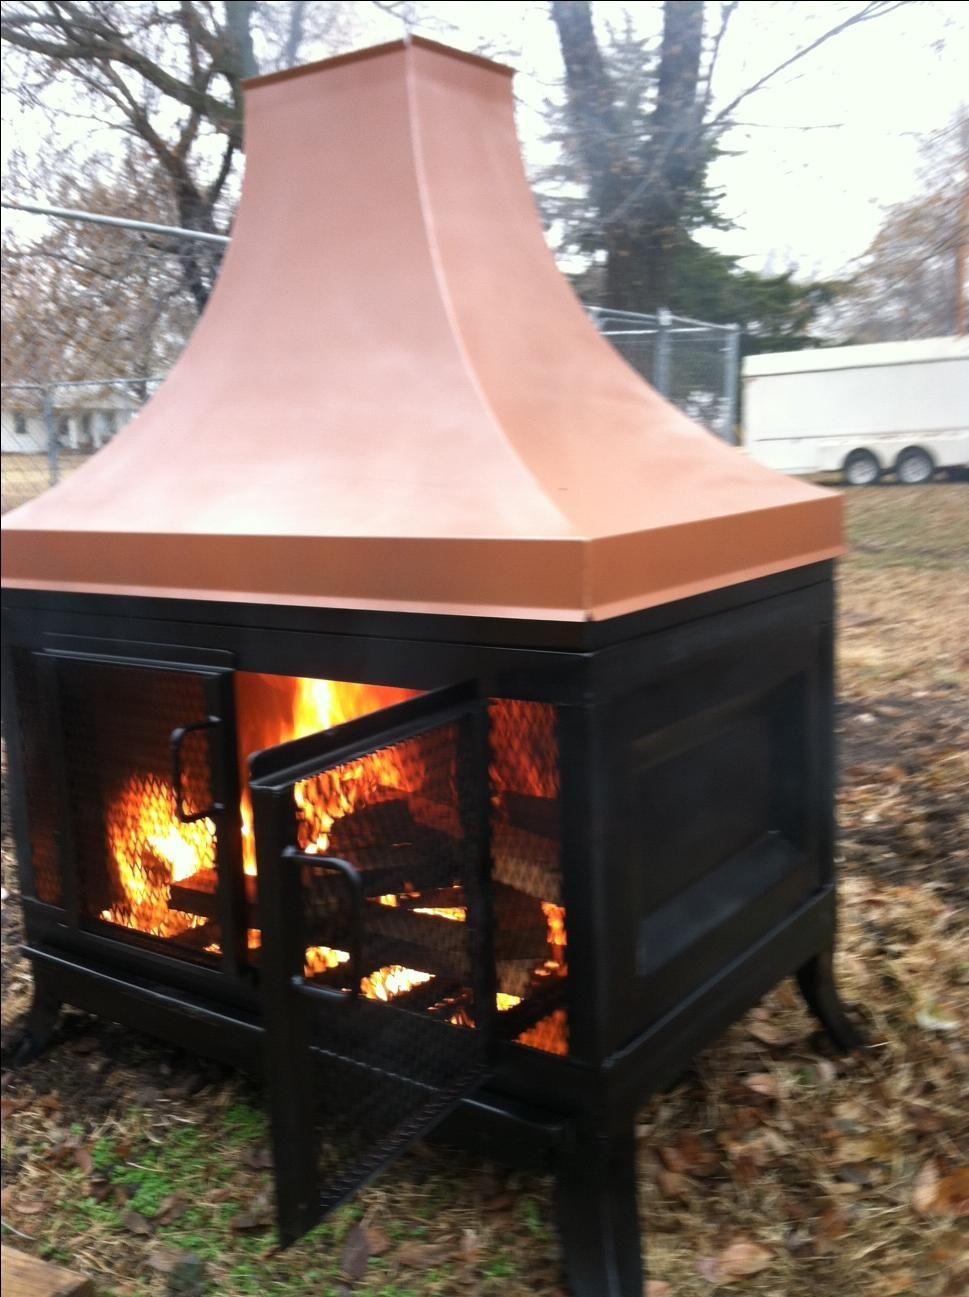 Handmade Custom Outdoor Fireplace By Kutz Fine Metalwork